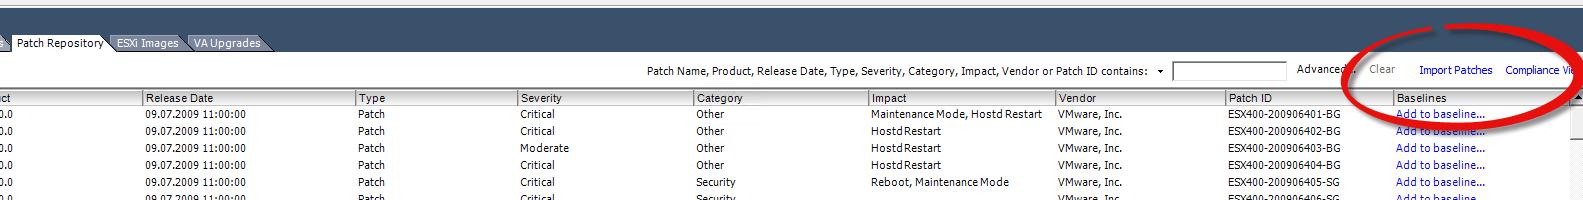 как интегрировать драйвера LSI и MSM в ESXI Update Manager-02